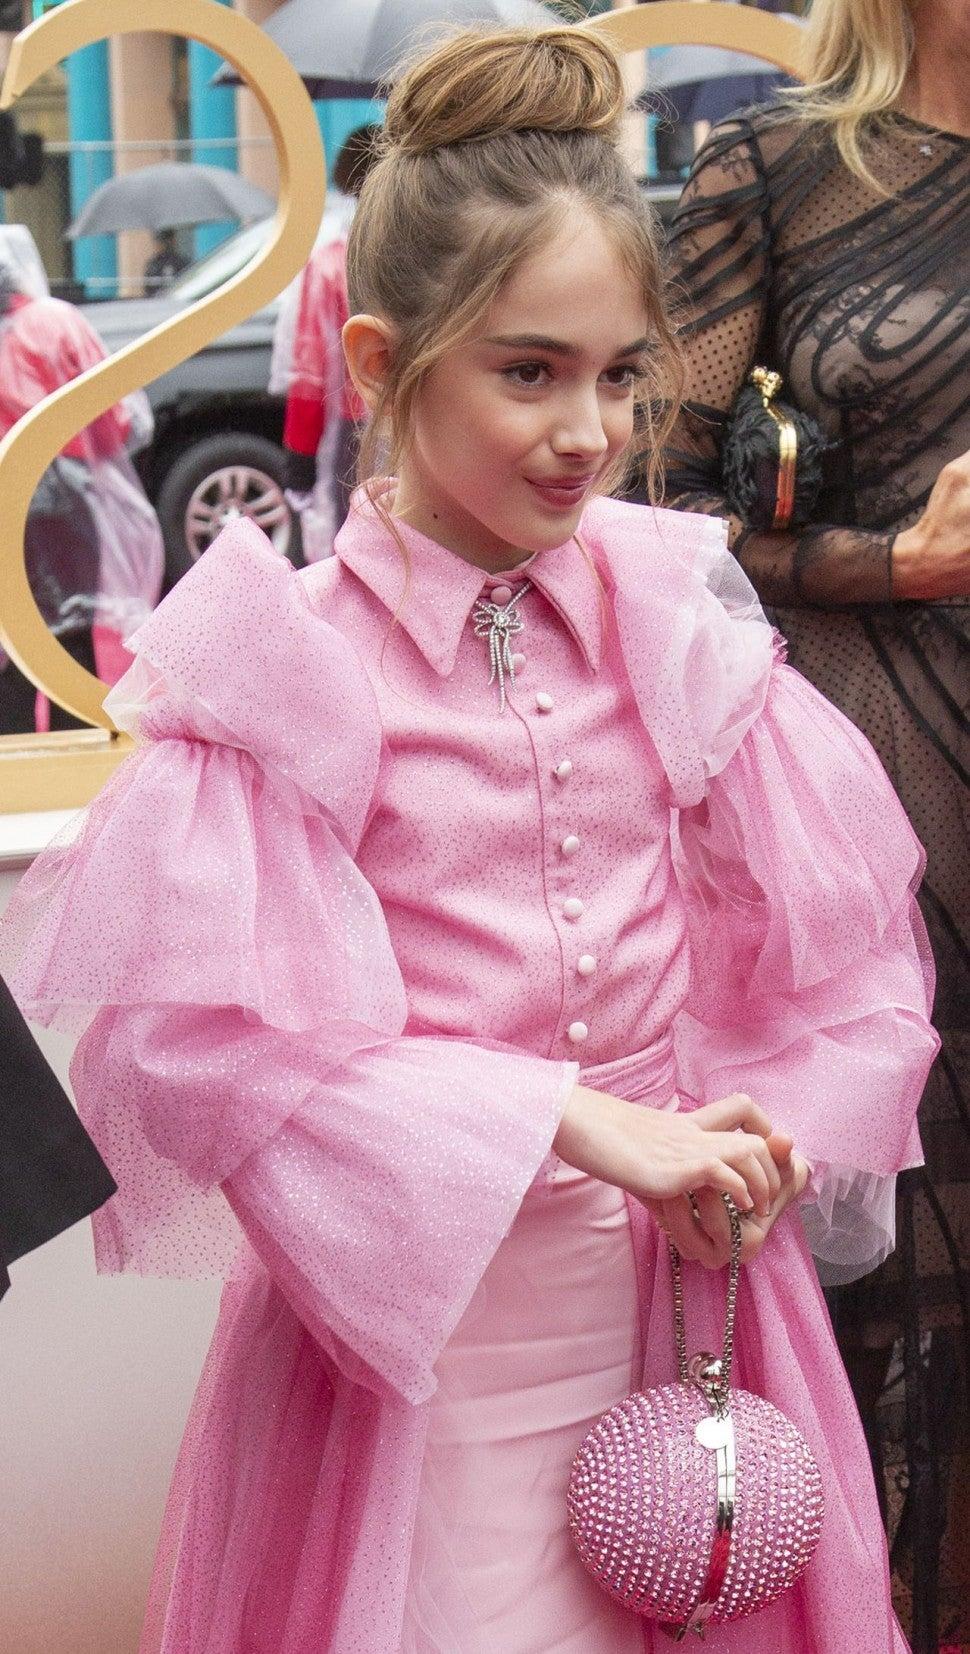 Julia Butters 2020 Oscars